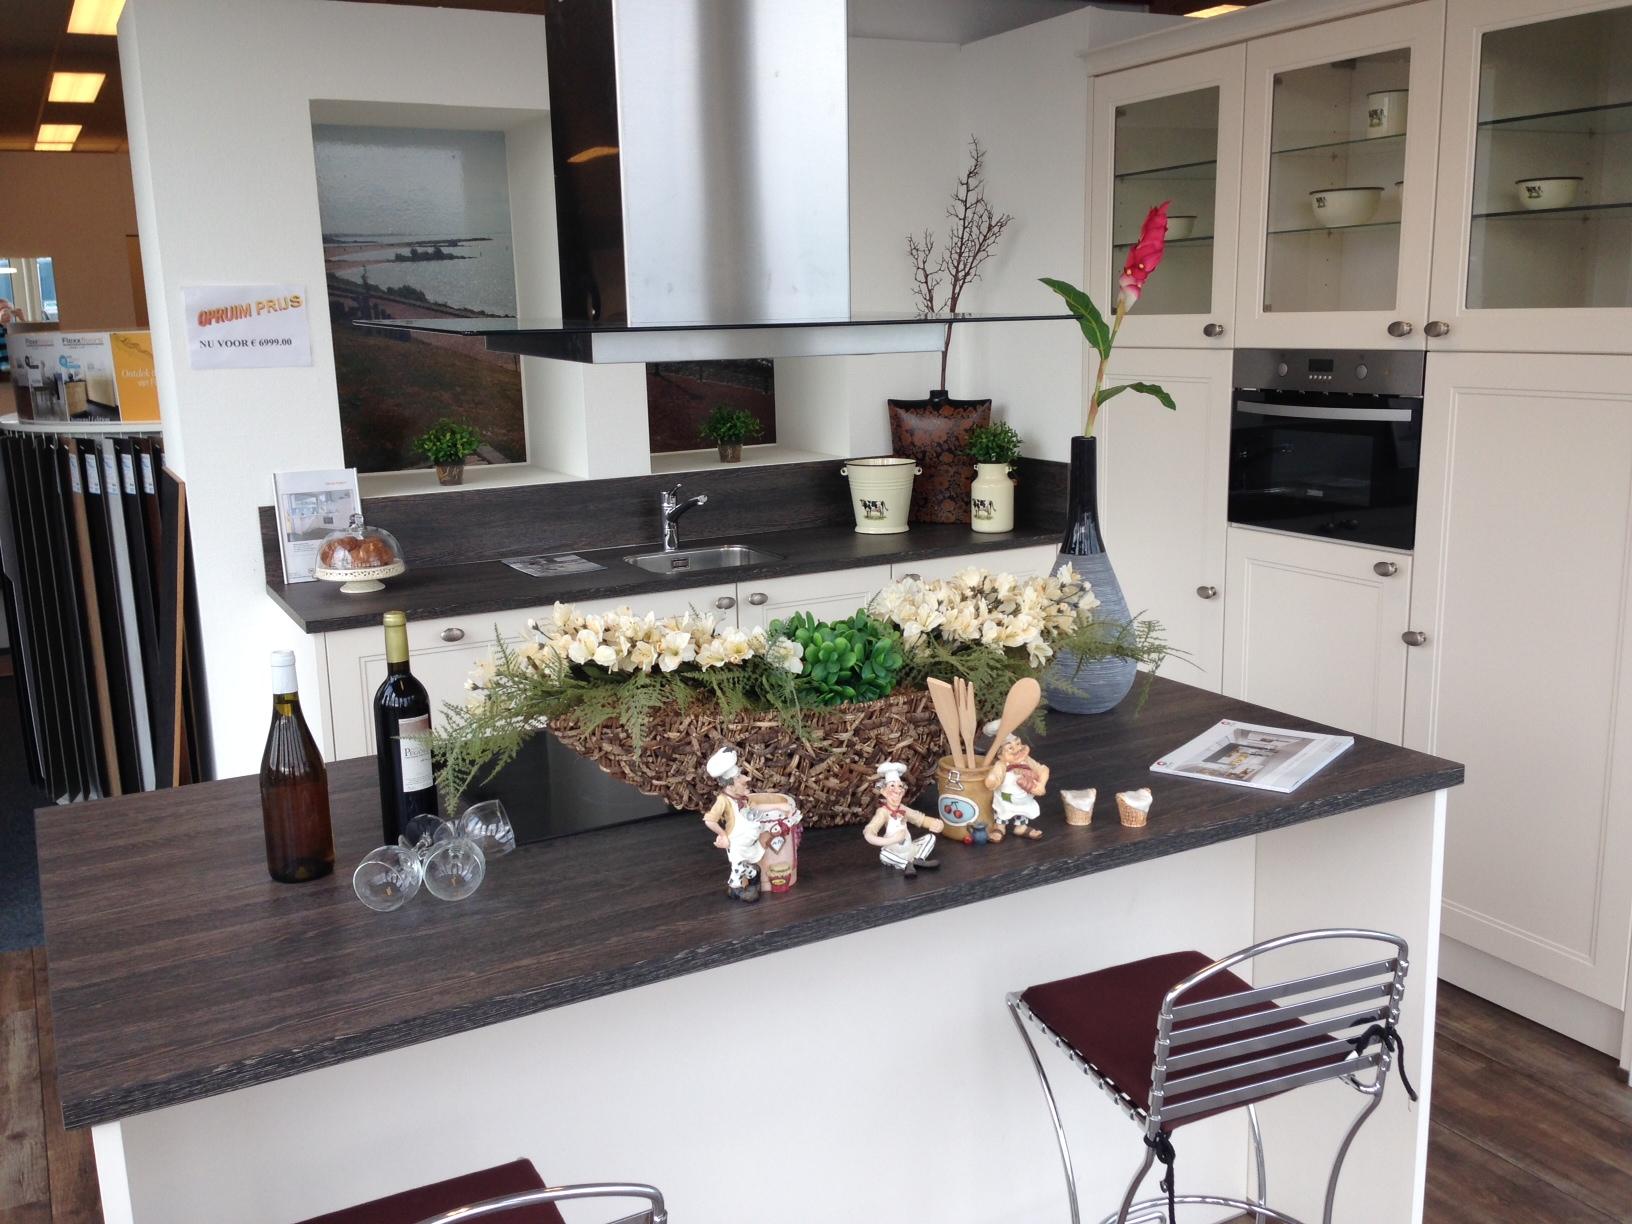 Boretti Keuken Dealers : Wonen Totaal Urk in URK Startpagina voor keuken idee?n UW-keuken.nl